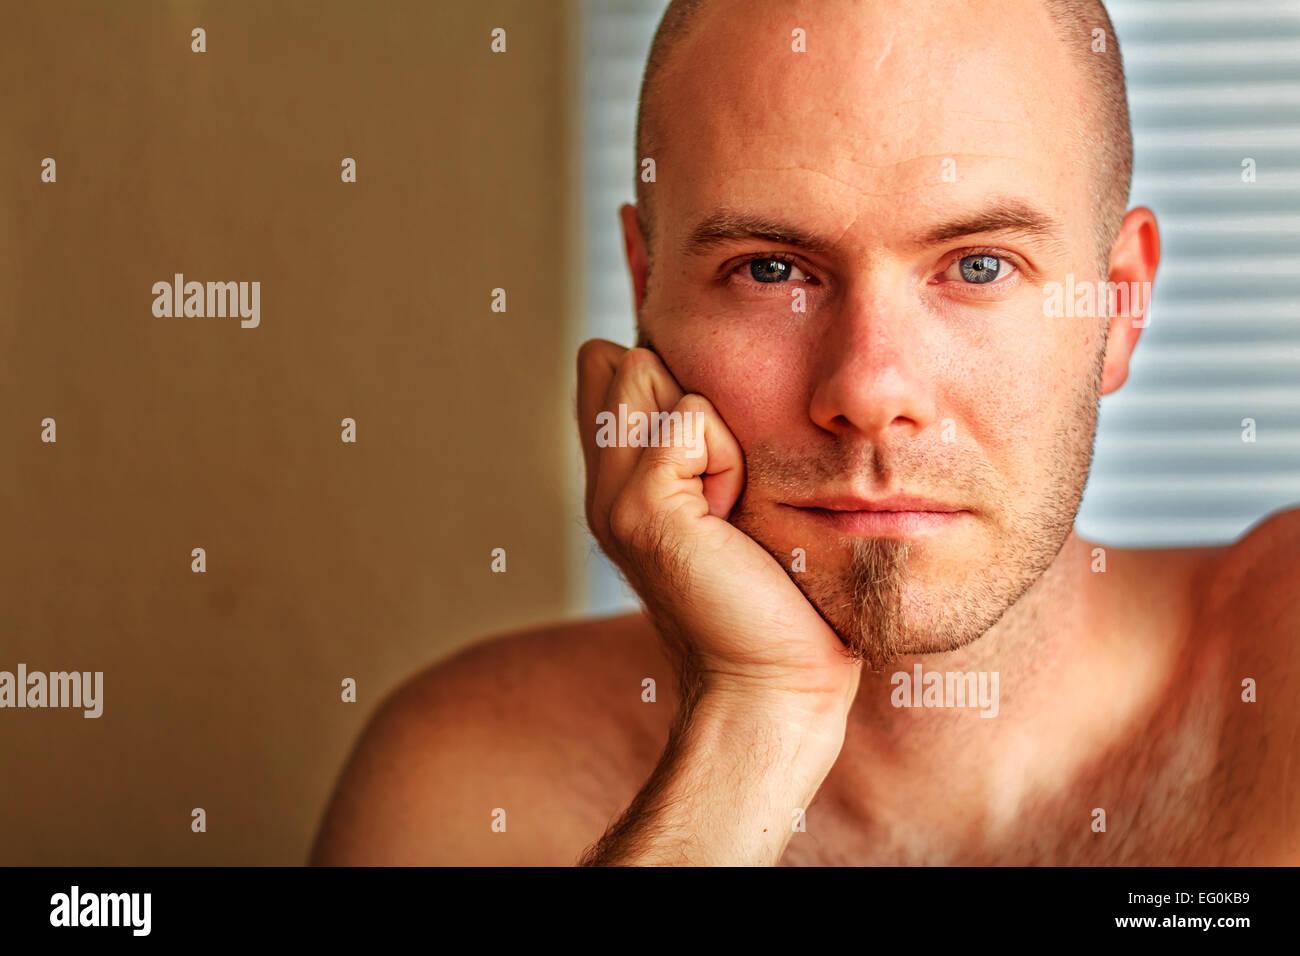 Retrato del hombre descansando su cabeza en su mano Imagen De Stock